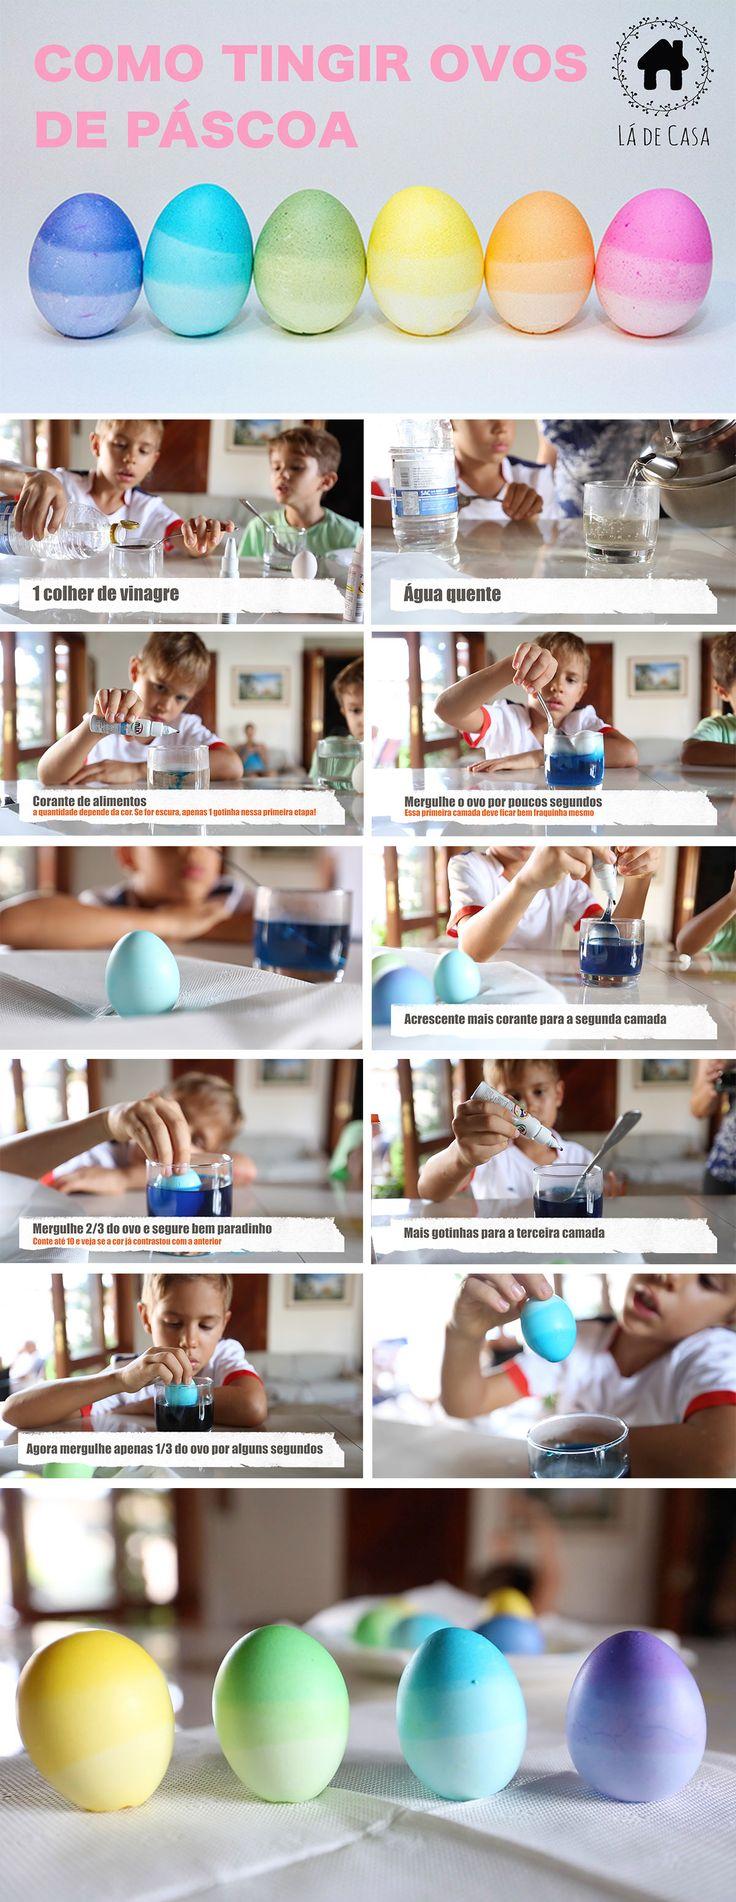 DIY: Como pintar ovos de páscoa usando corante de alimentos